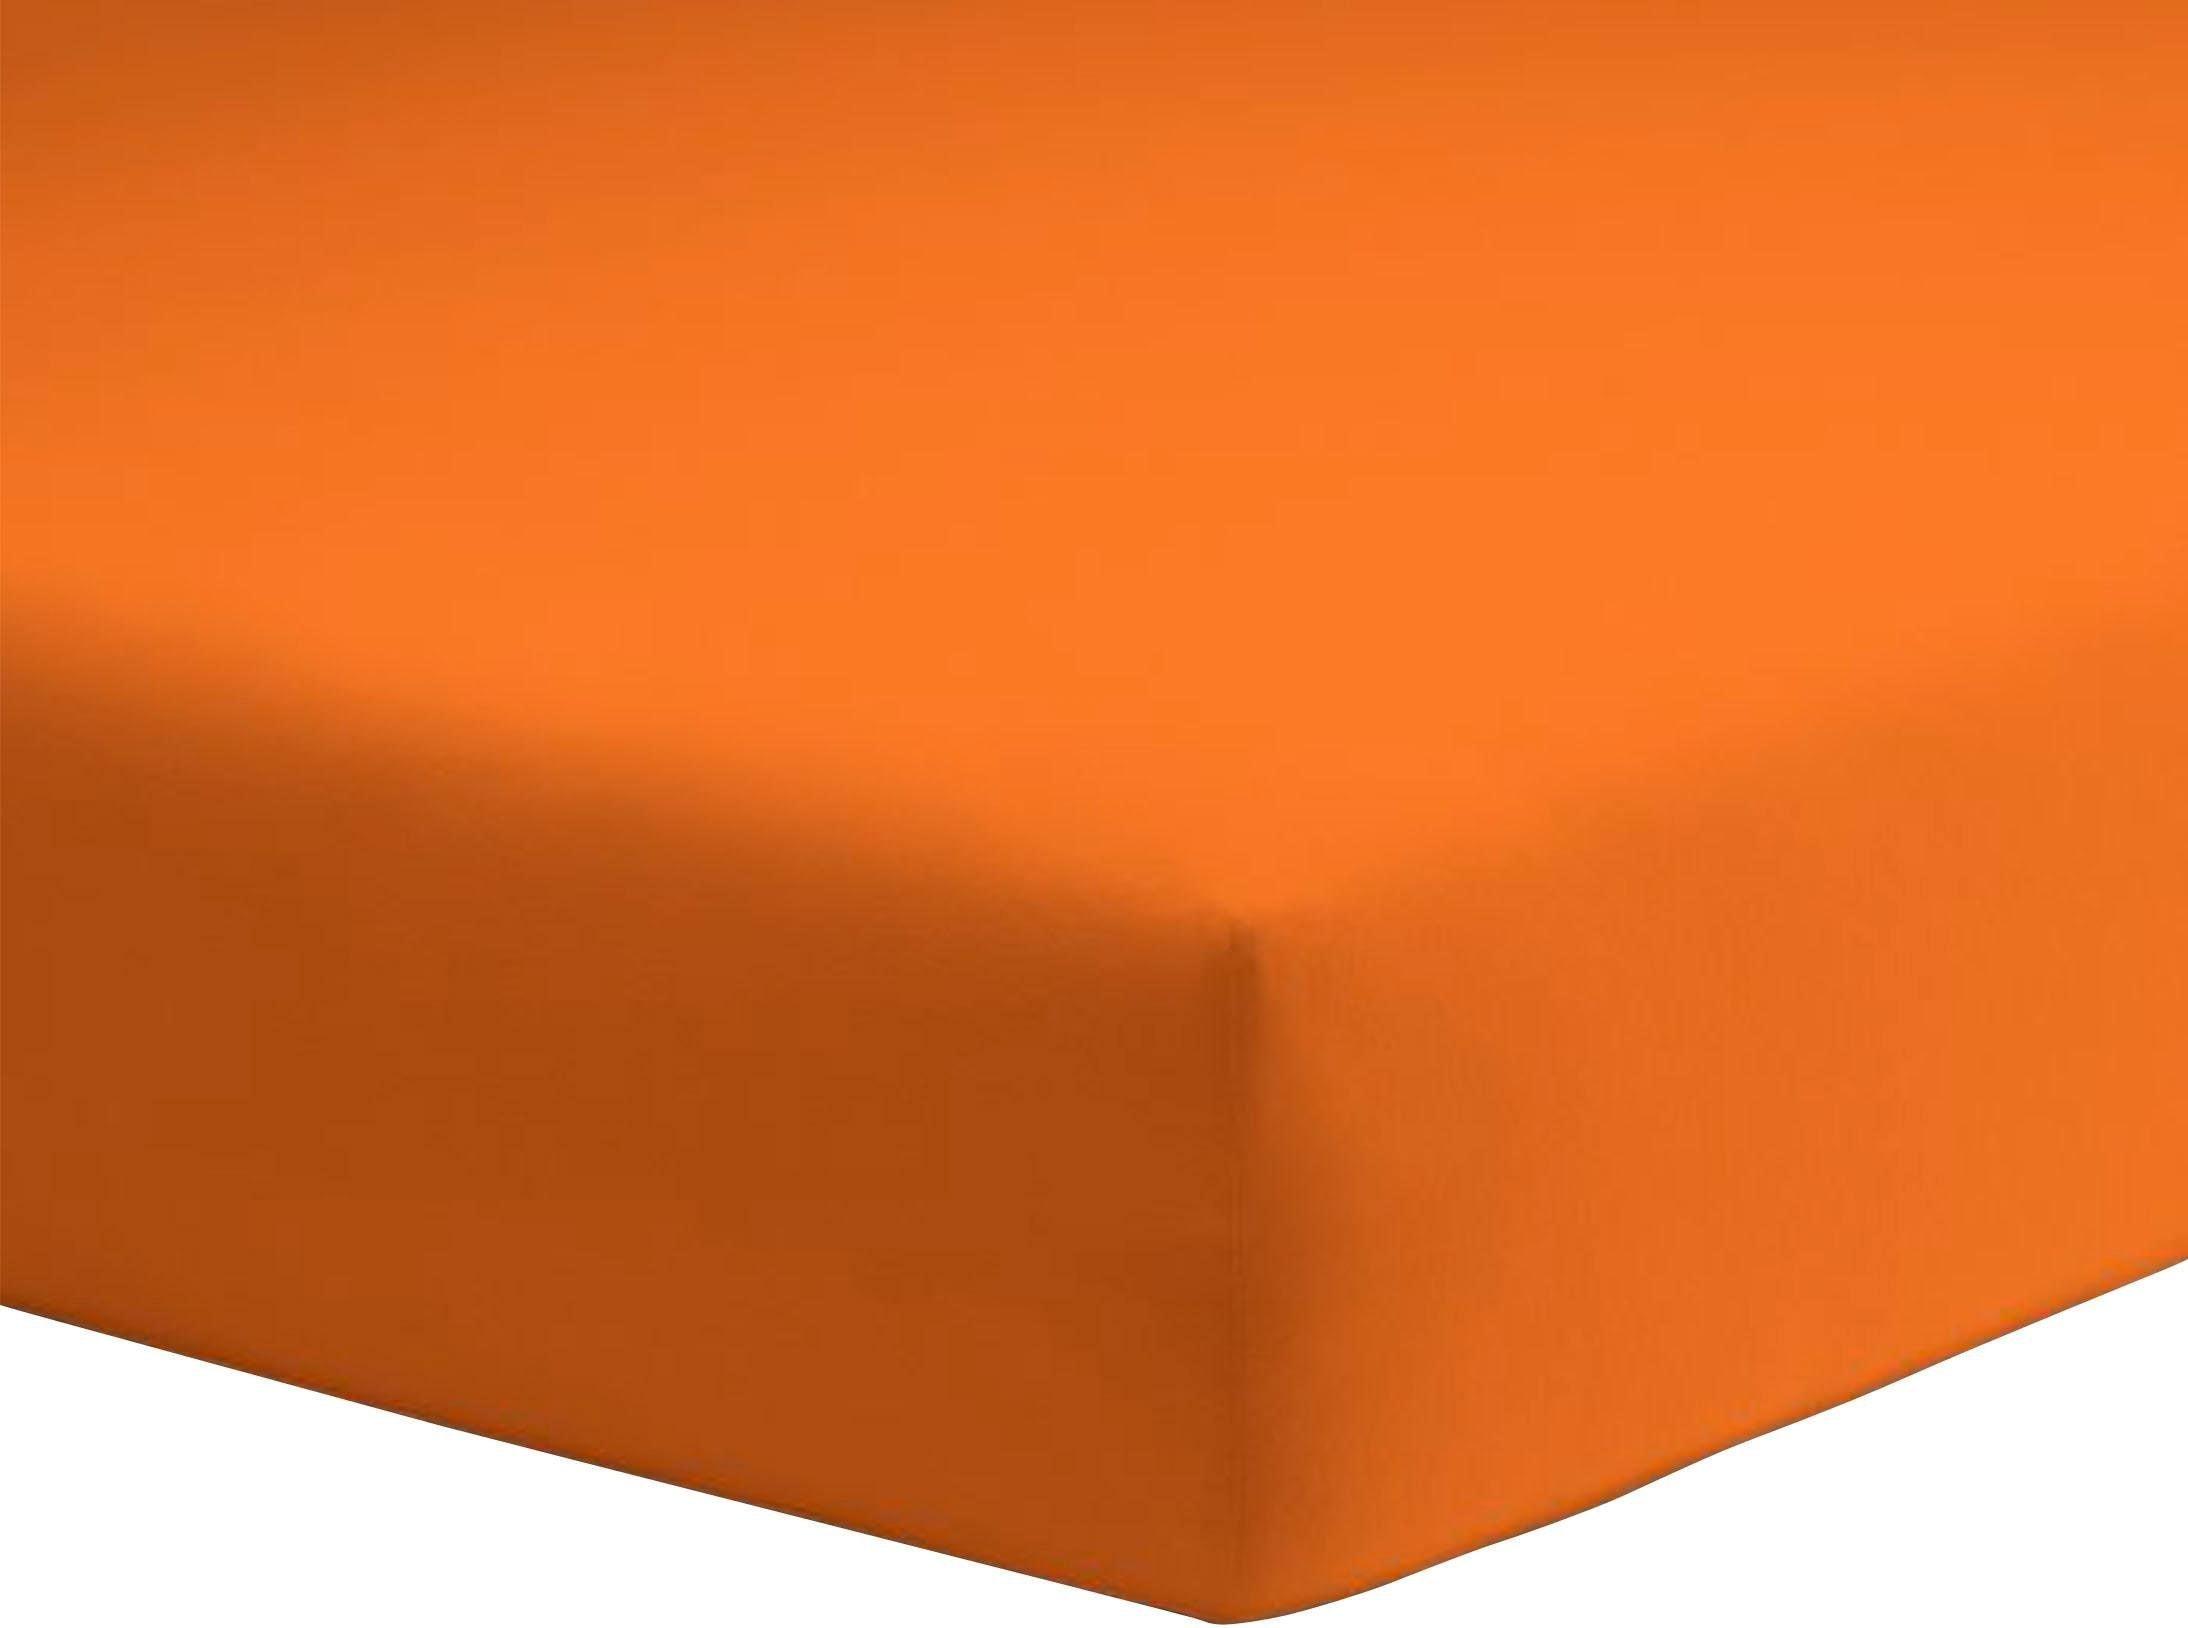 Spannbettlaken Mako-Jersey Schlafgut | Heimtextilien > Bettwäsche und Laken > Bettlaken | Orange | Schlafgut